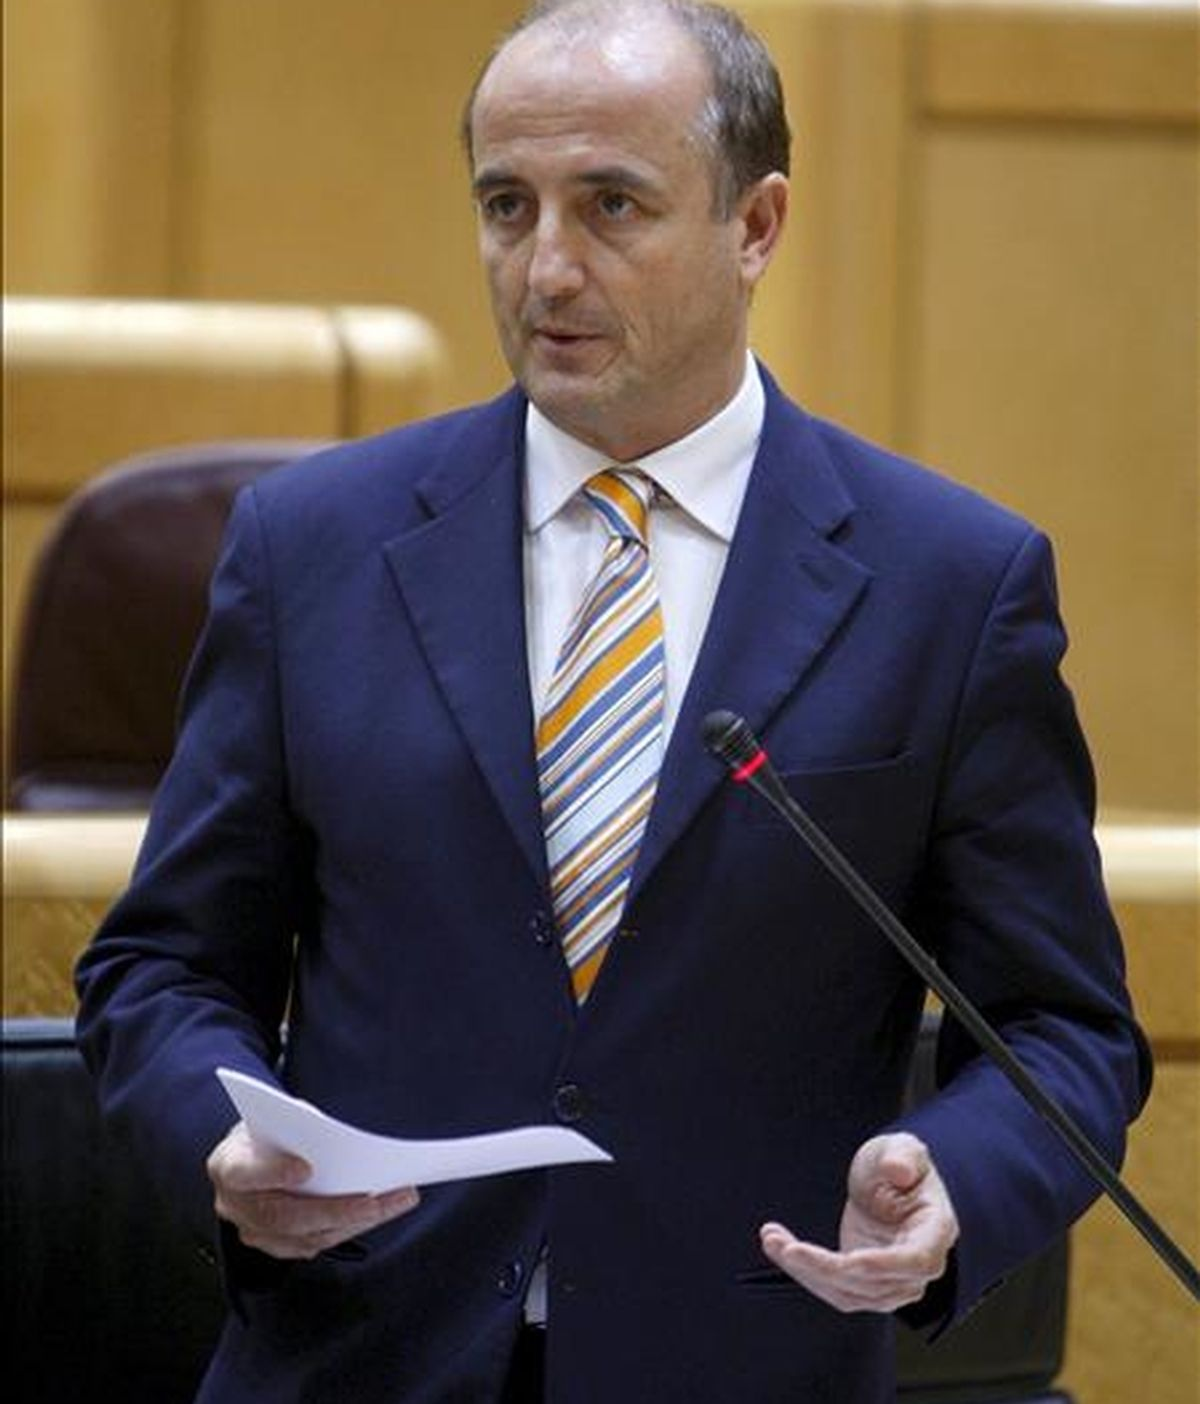 El ministro de Industria Miguel Sebastián, durante su intervención en la sesión de control al Ejecutivo celebrada esta tarde en el Senado. EFE